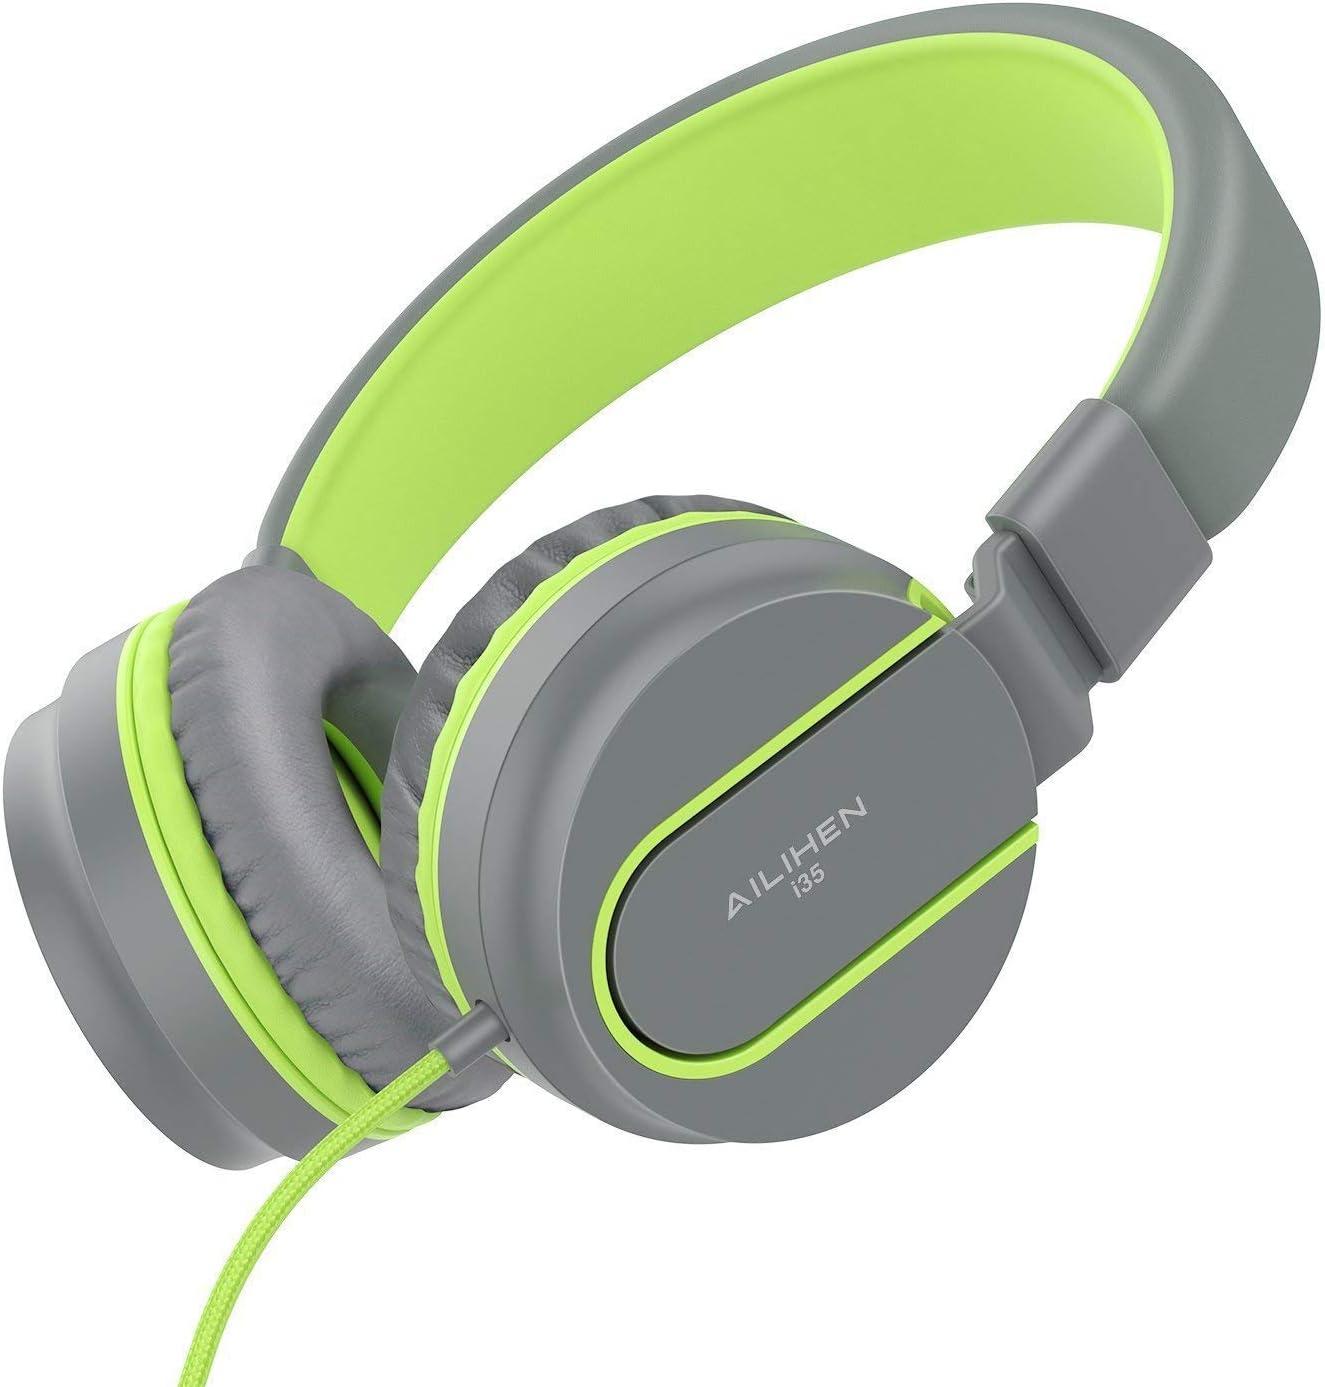 AILIHEN I35 Auriculares para niños con Volumen de micrófono Limitado Niños Niñas Niños Auriculares con Cable portátiles Ligeros y Plegables de 3,5 mm para Aviones Escolares de Viaje Teléfonos móviles